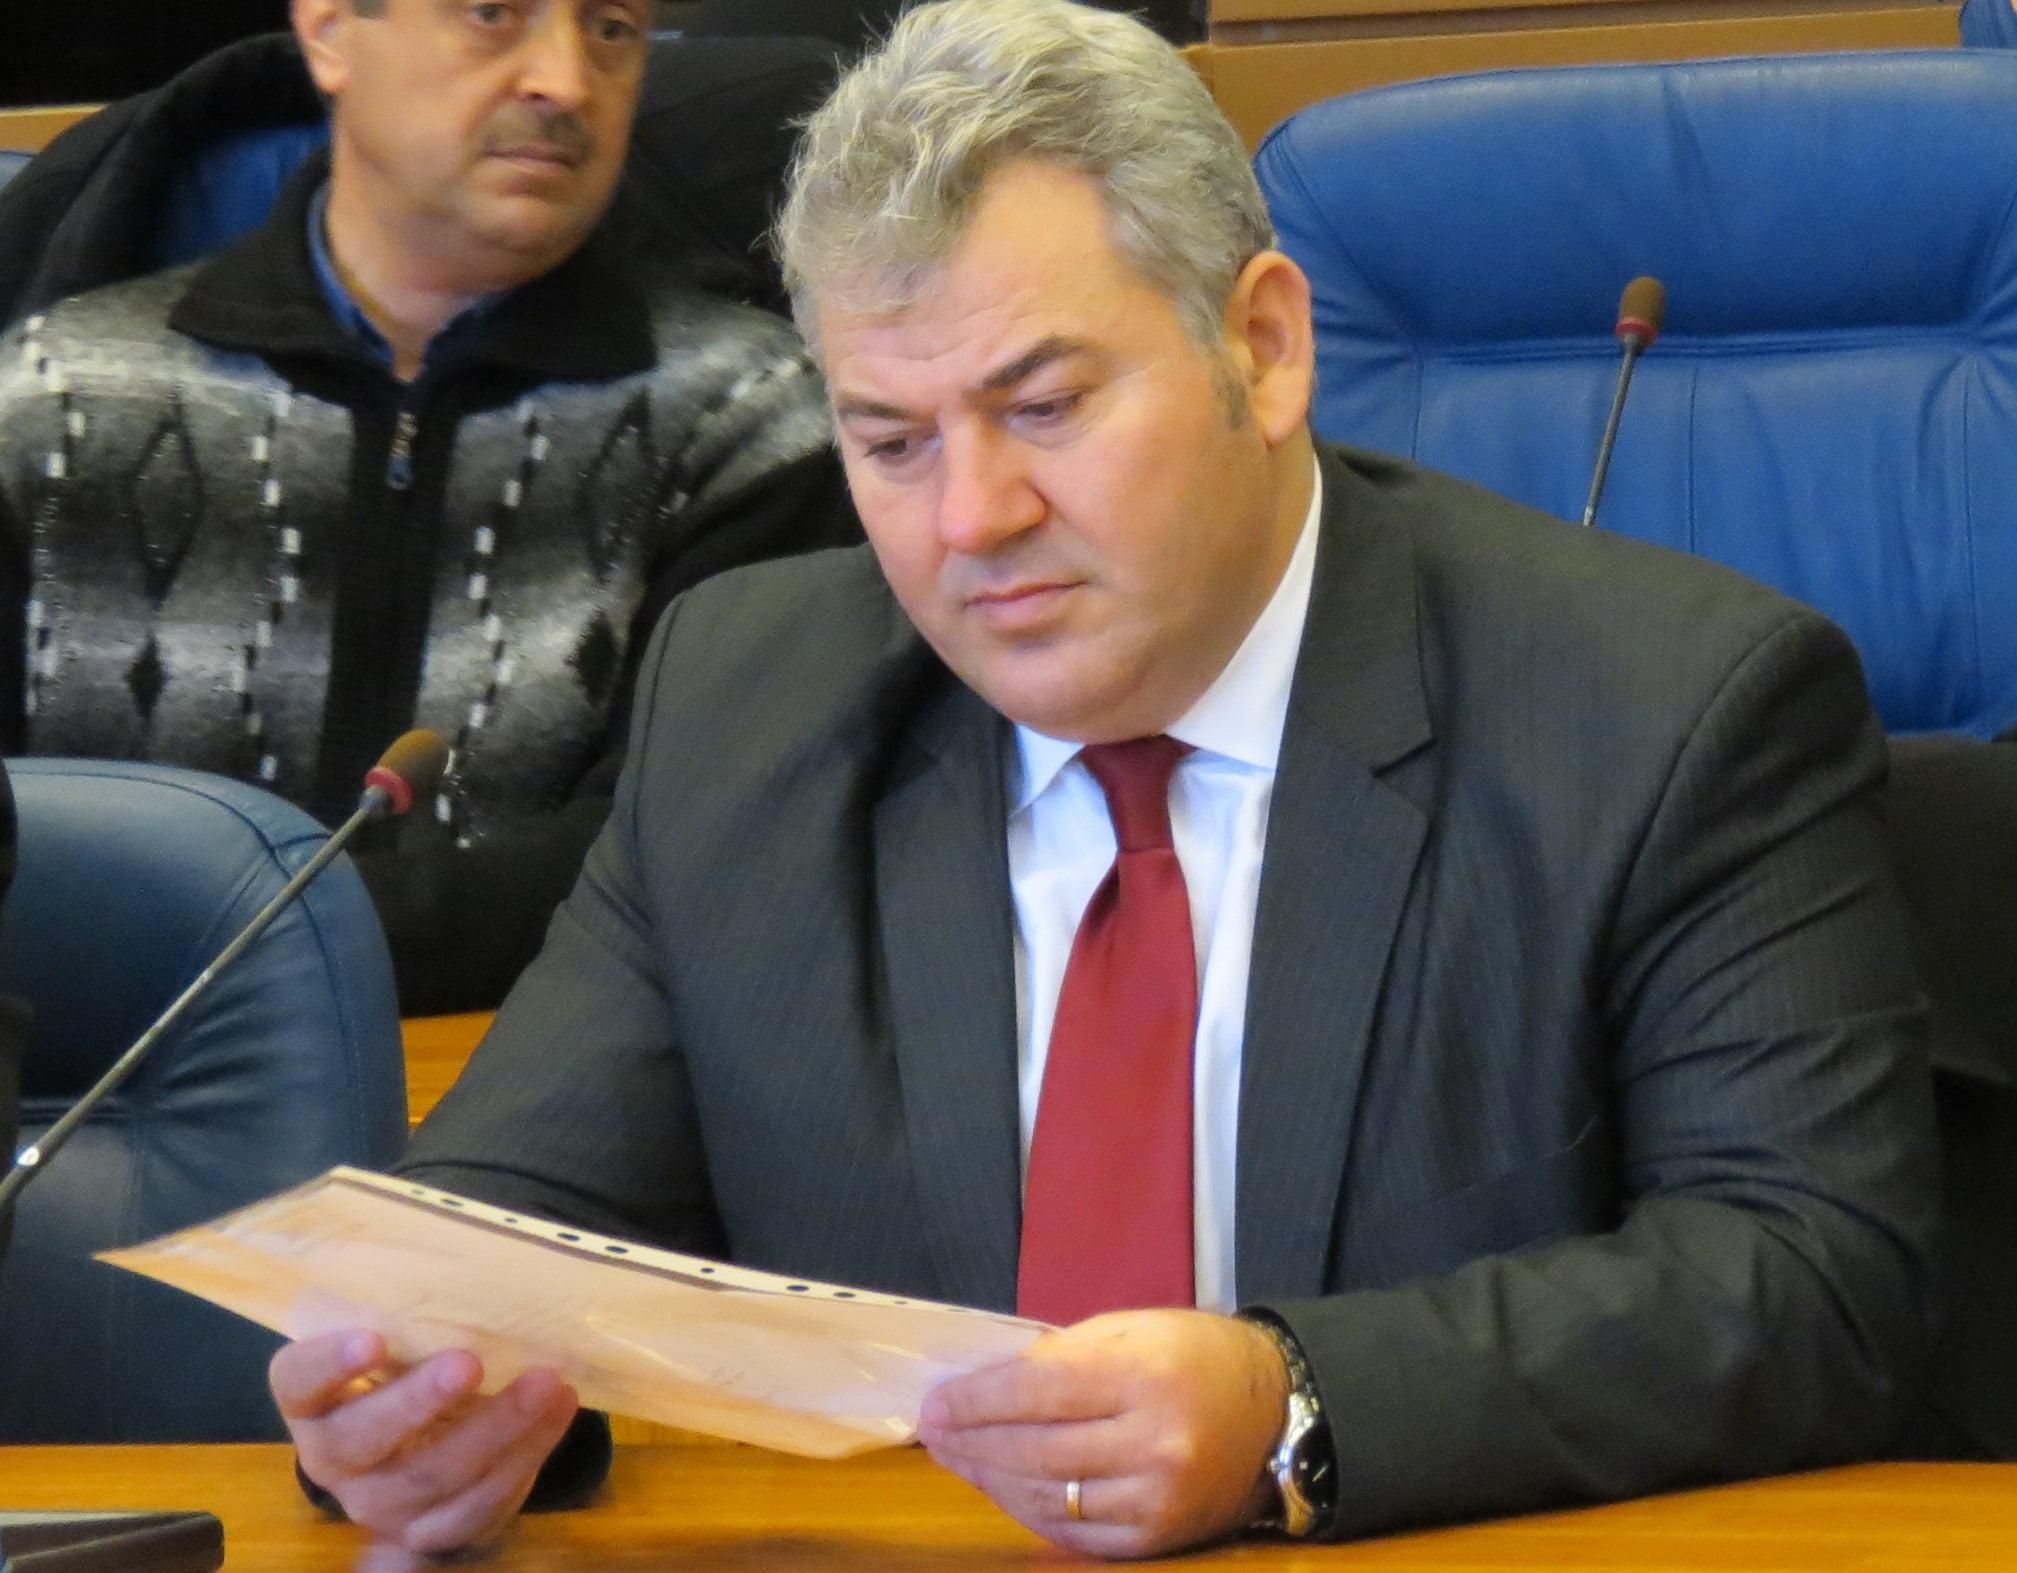 Deputatul Lucian Ciubotaru și medicul legist Marcel Bădără, plasați sub control judiciar de DNA